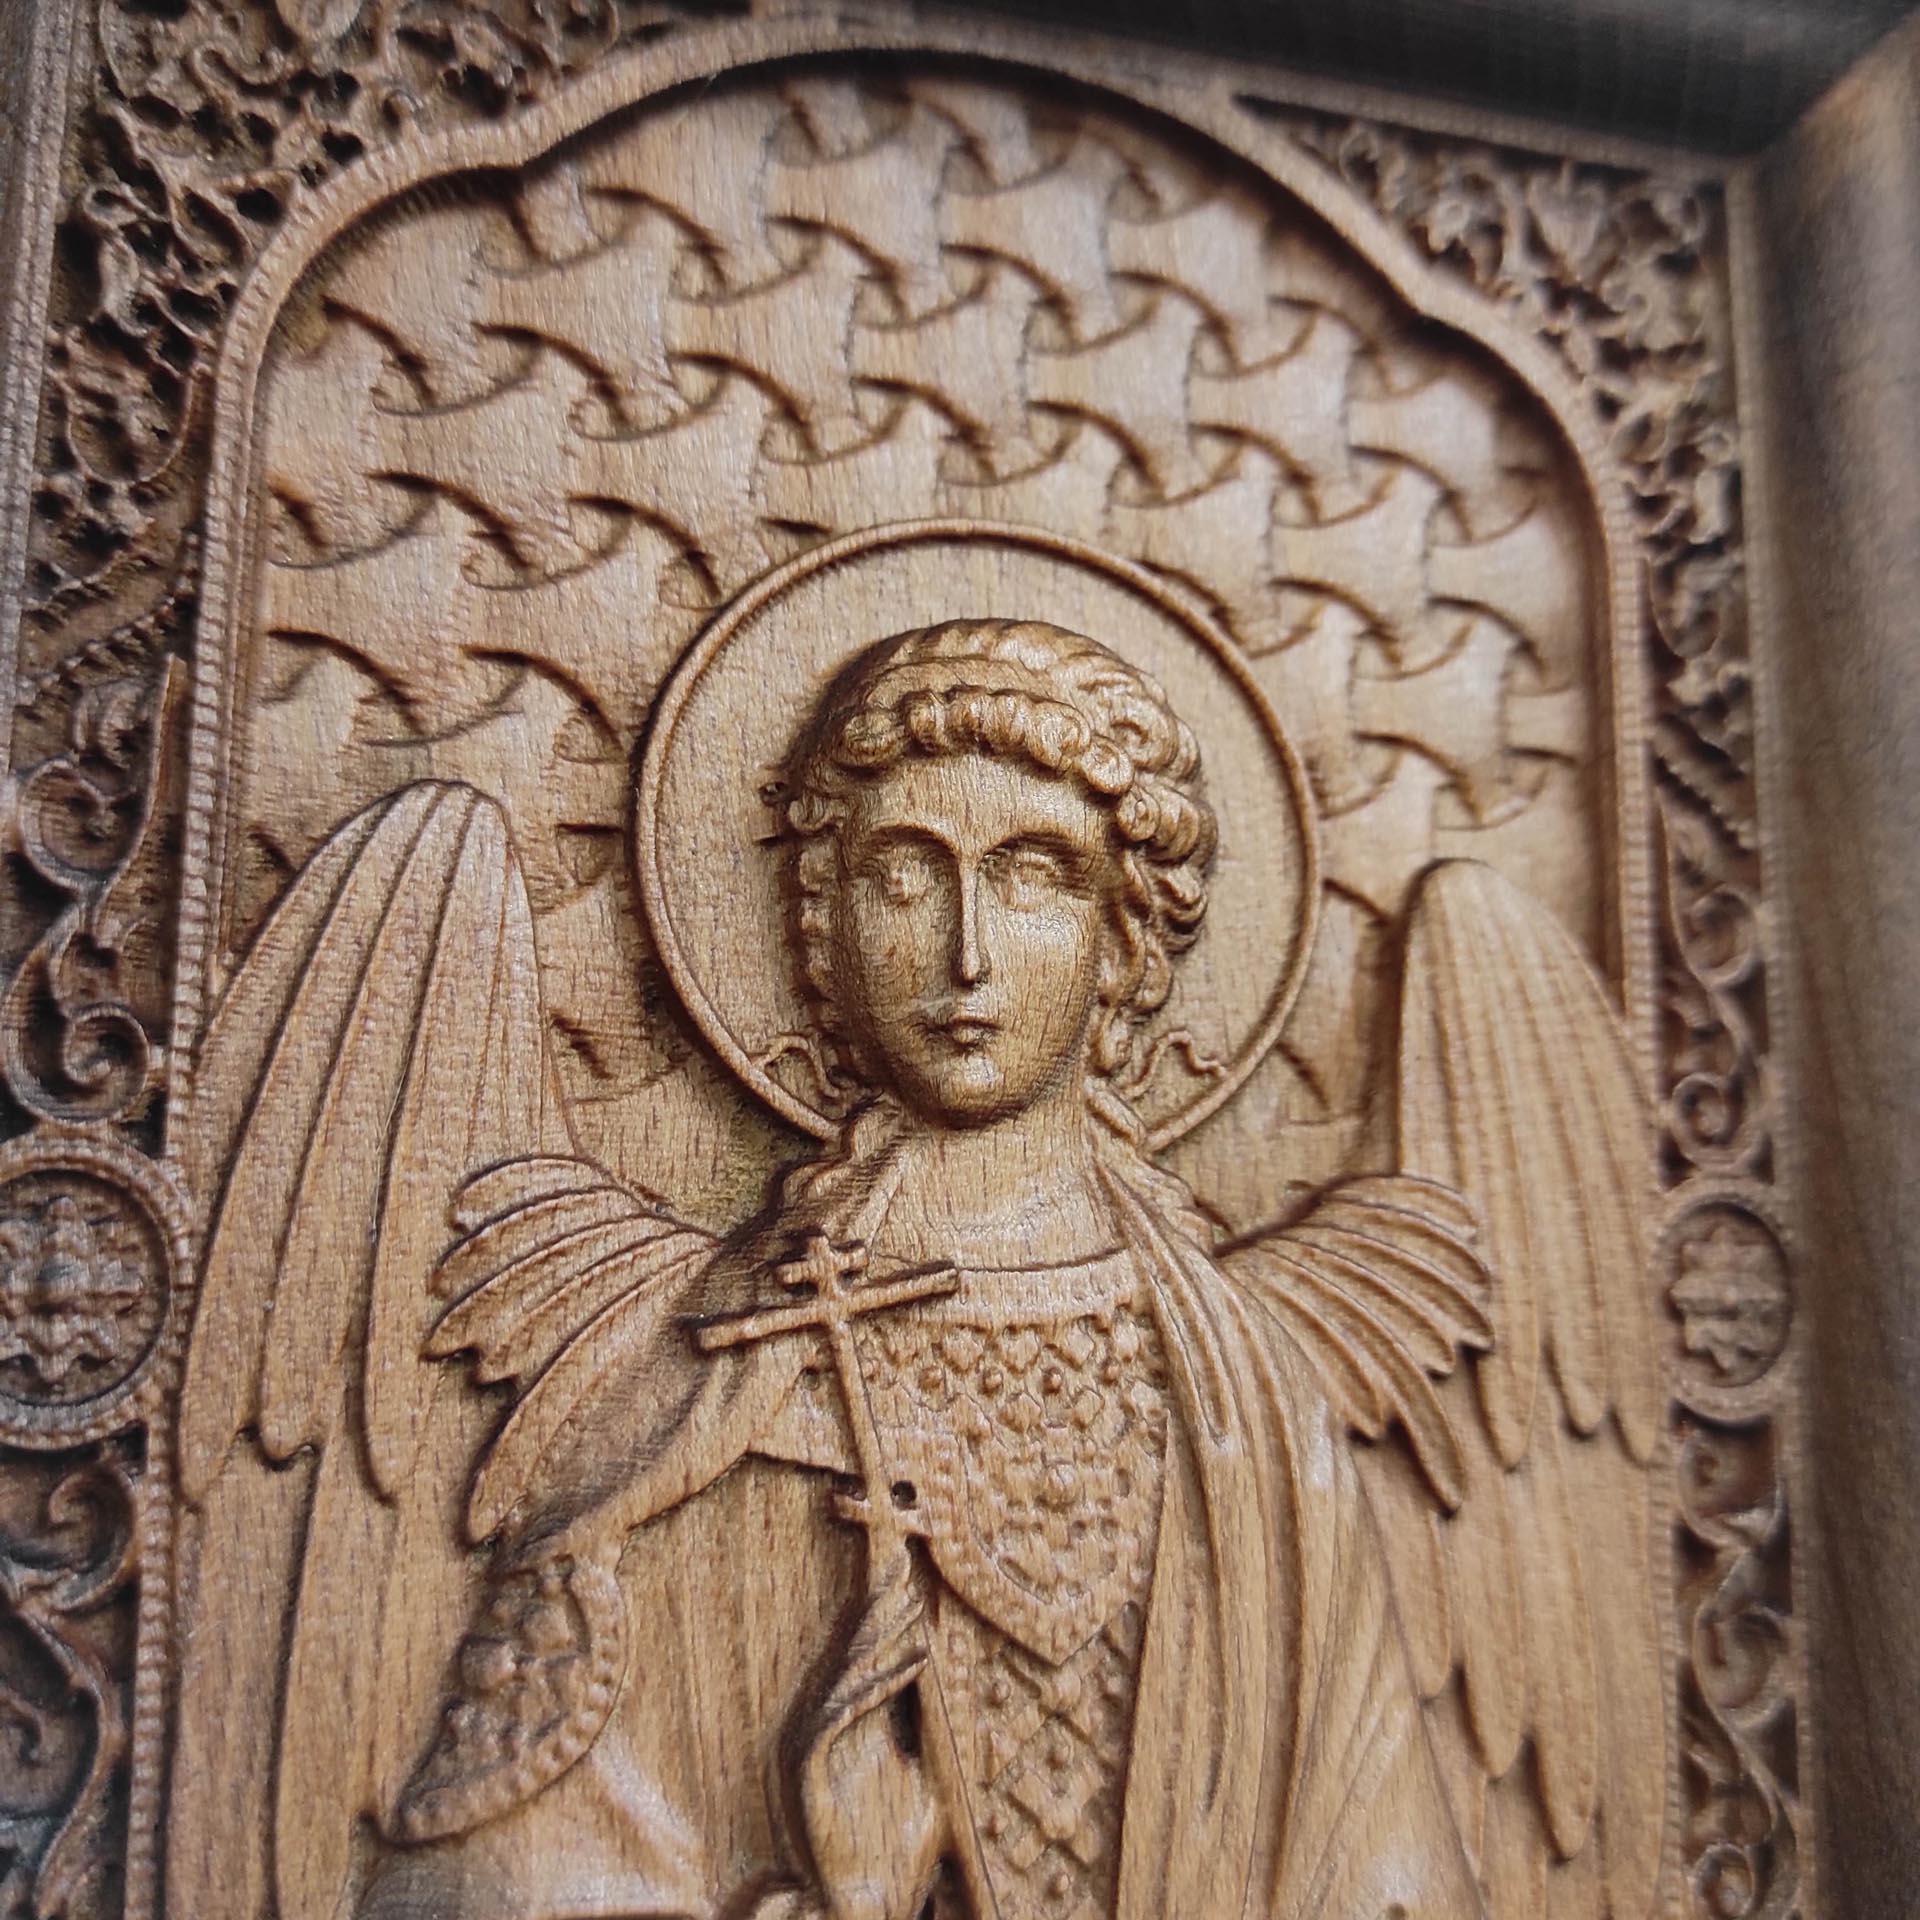 Фото лика резной иконы святого Ангела Хранителя